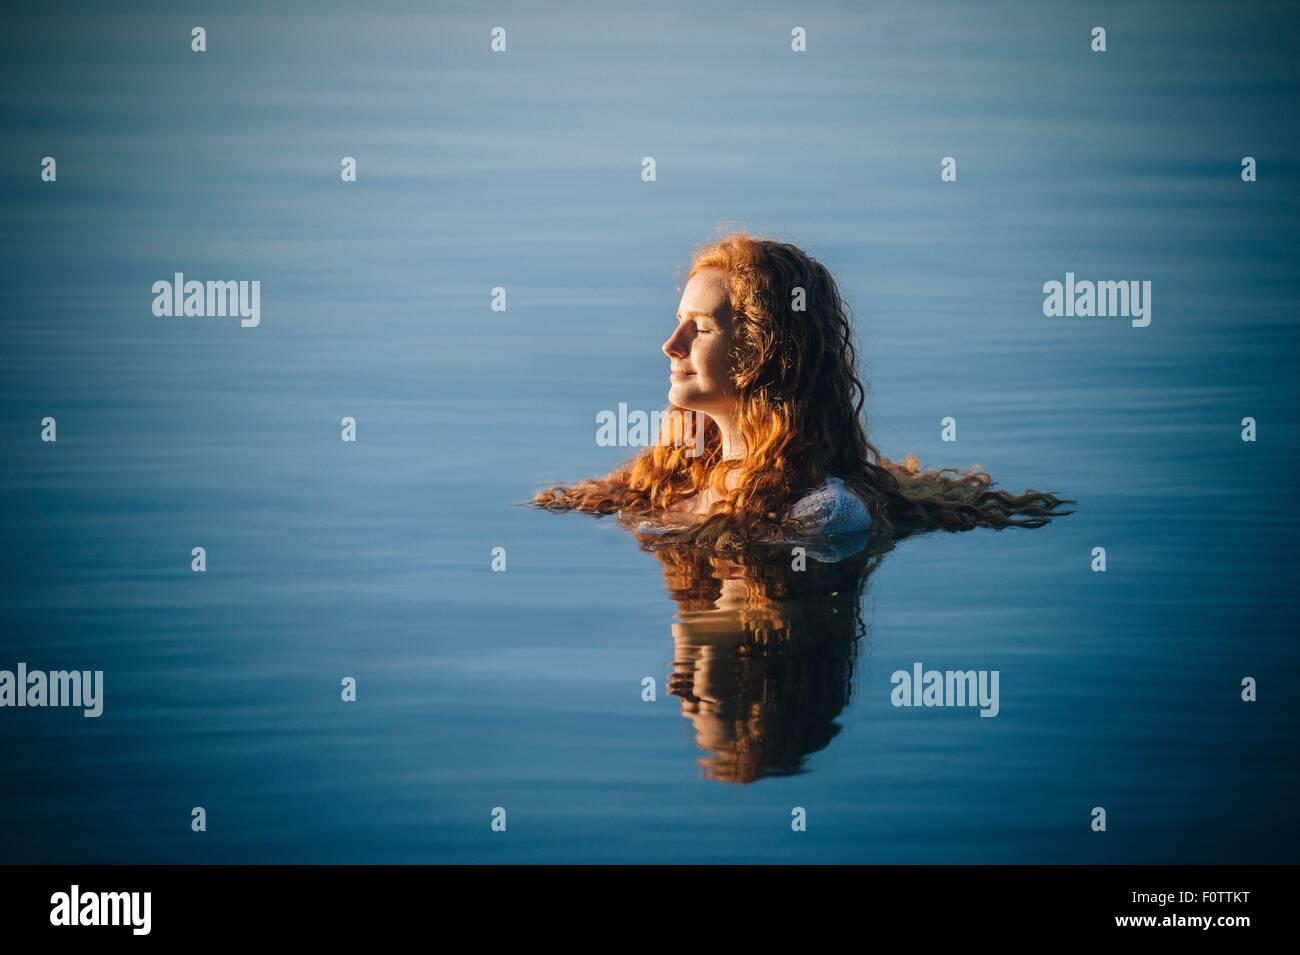 La testa e le spalle del giovane donna con lunghi capelli rossi nel lago con gli occhi chiusi Immagini Stock